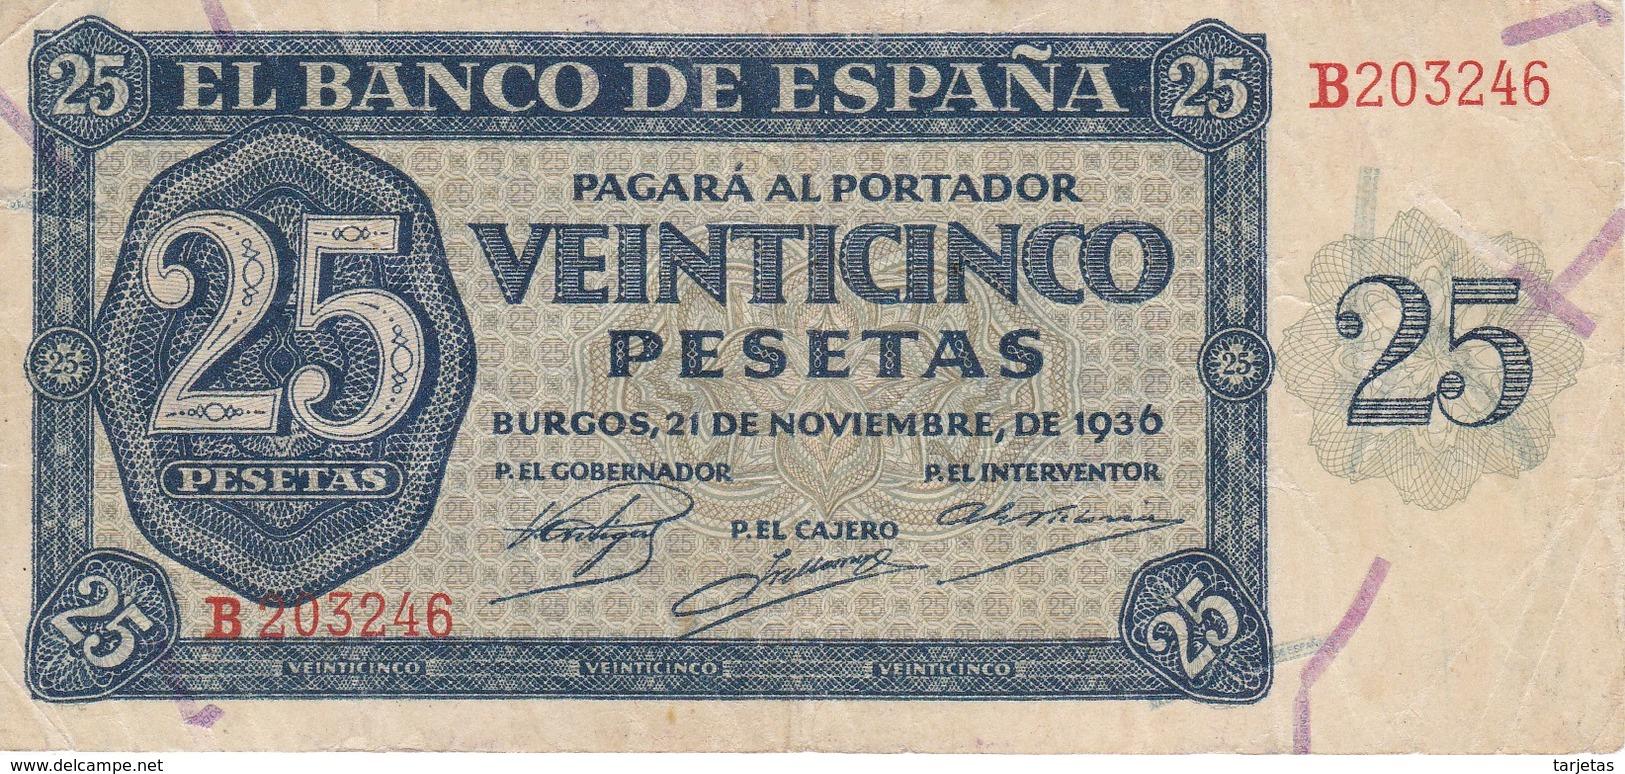 BILLETE DE ESPAÑA DE 25 PTAS DEL 21/11/1936 SERIE B CALIDAD  MBC (VF) (BANKNOTE) - [ 3] 1936-1975: Franco